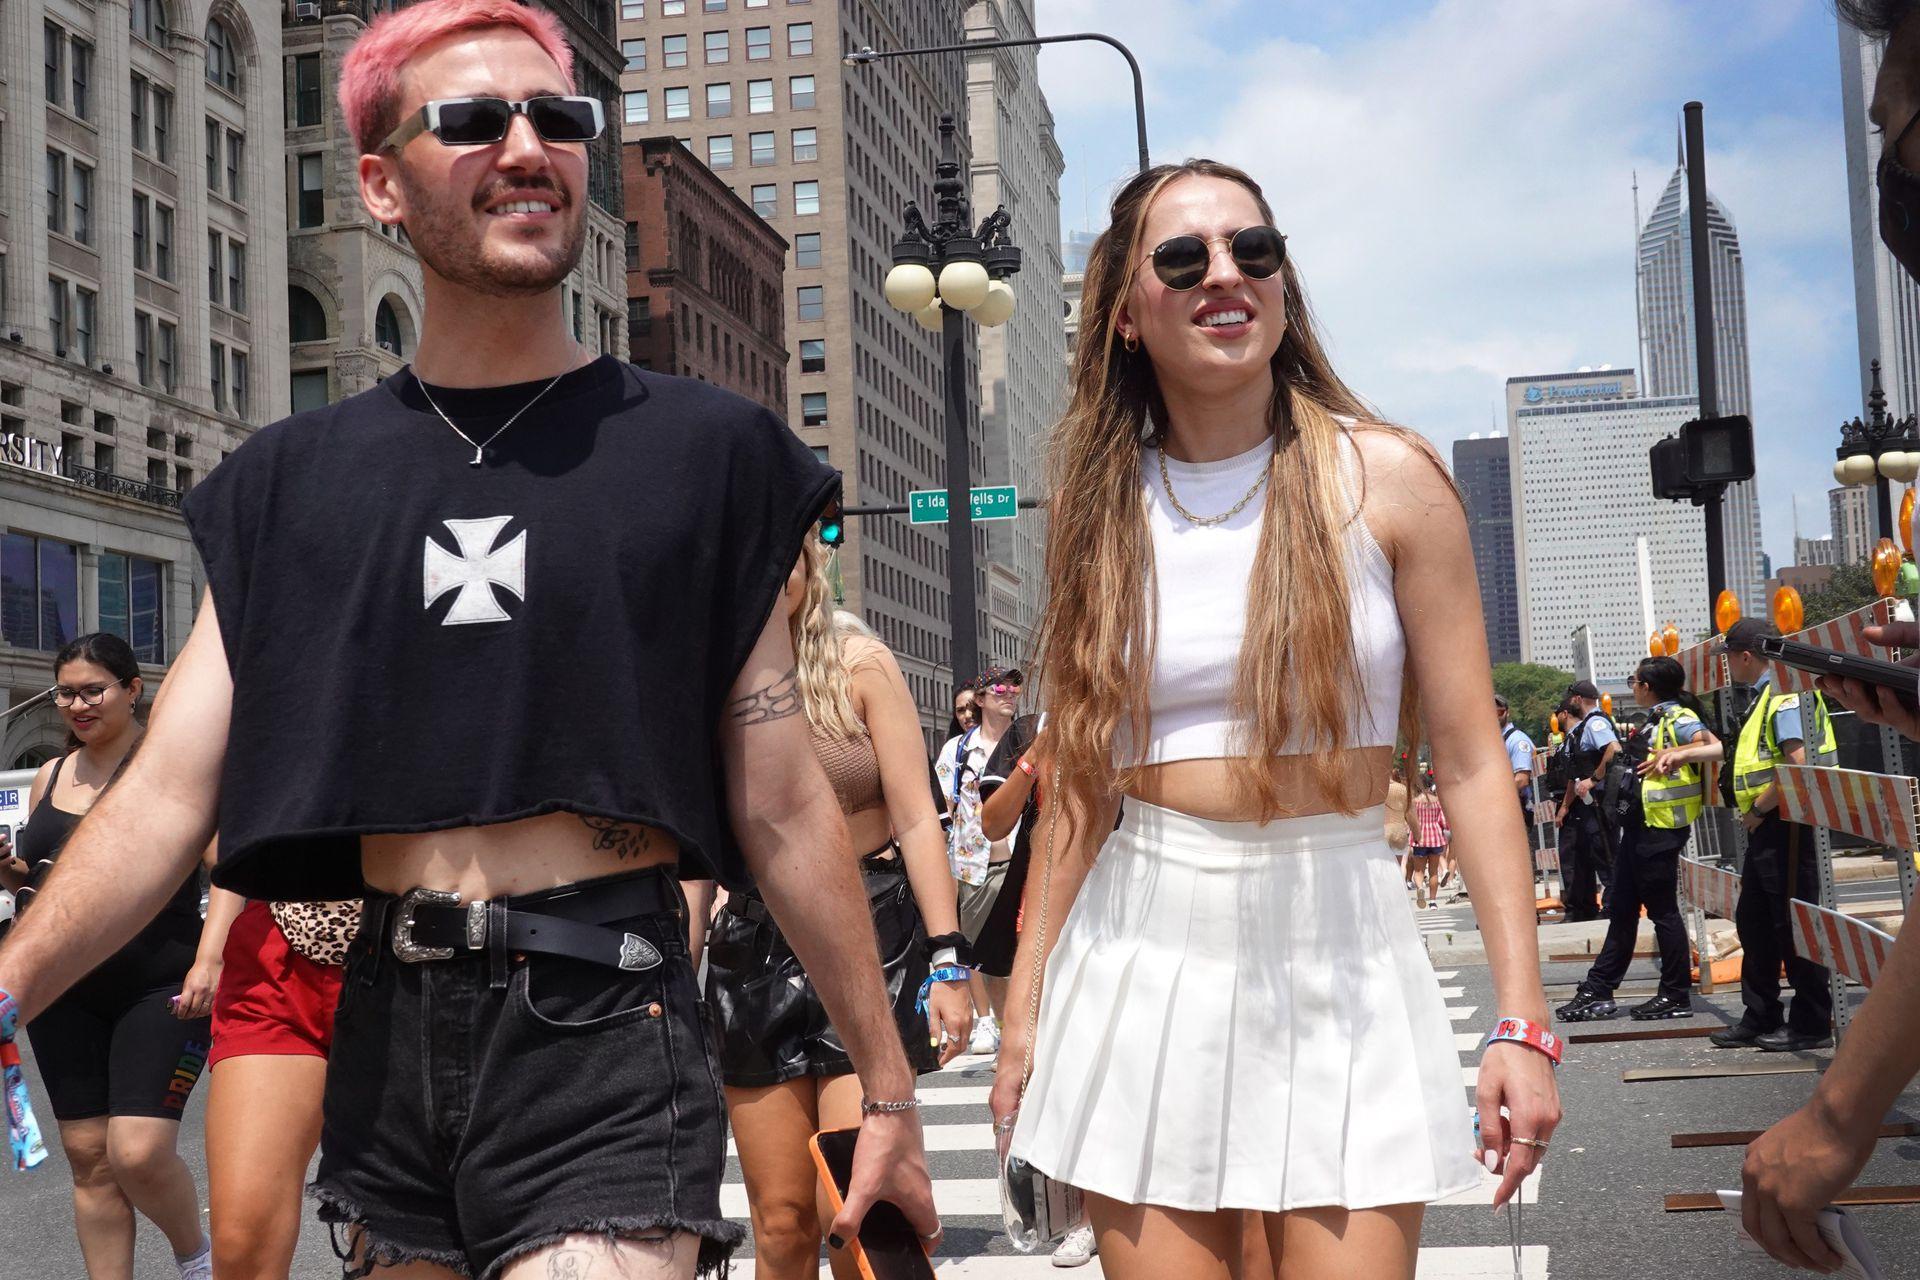 Estilos diversos tanto para hombres como mujeres en Lollapalooza Chicago